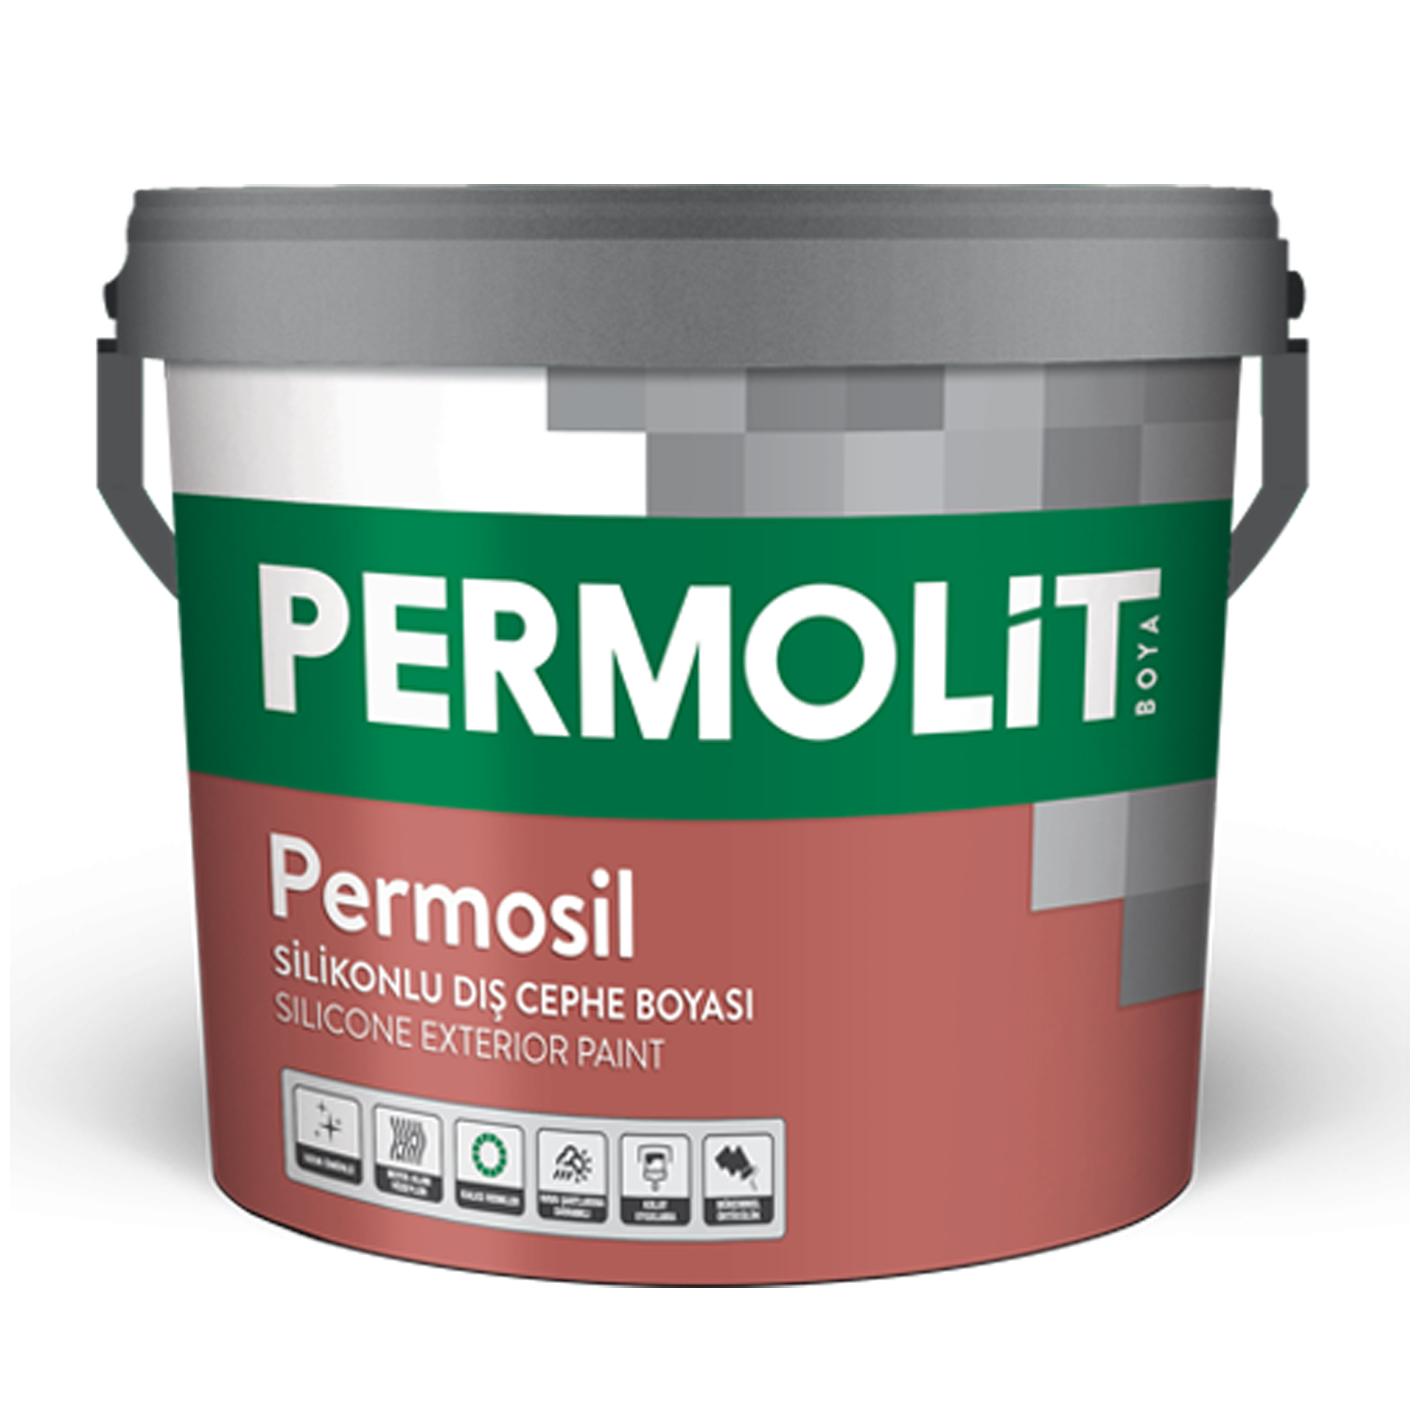 Permolit Permosil Dış Cephe Beyaz Baz 3.5Kg